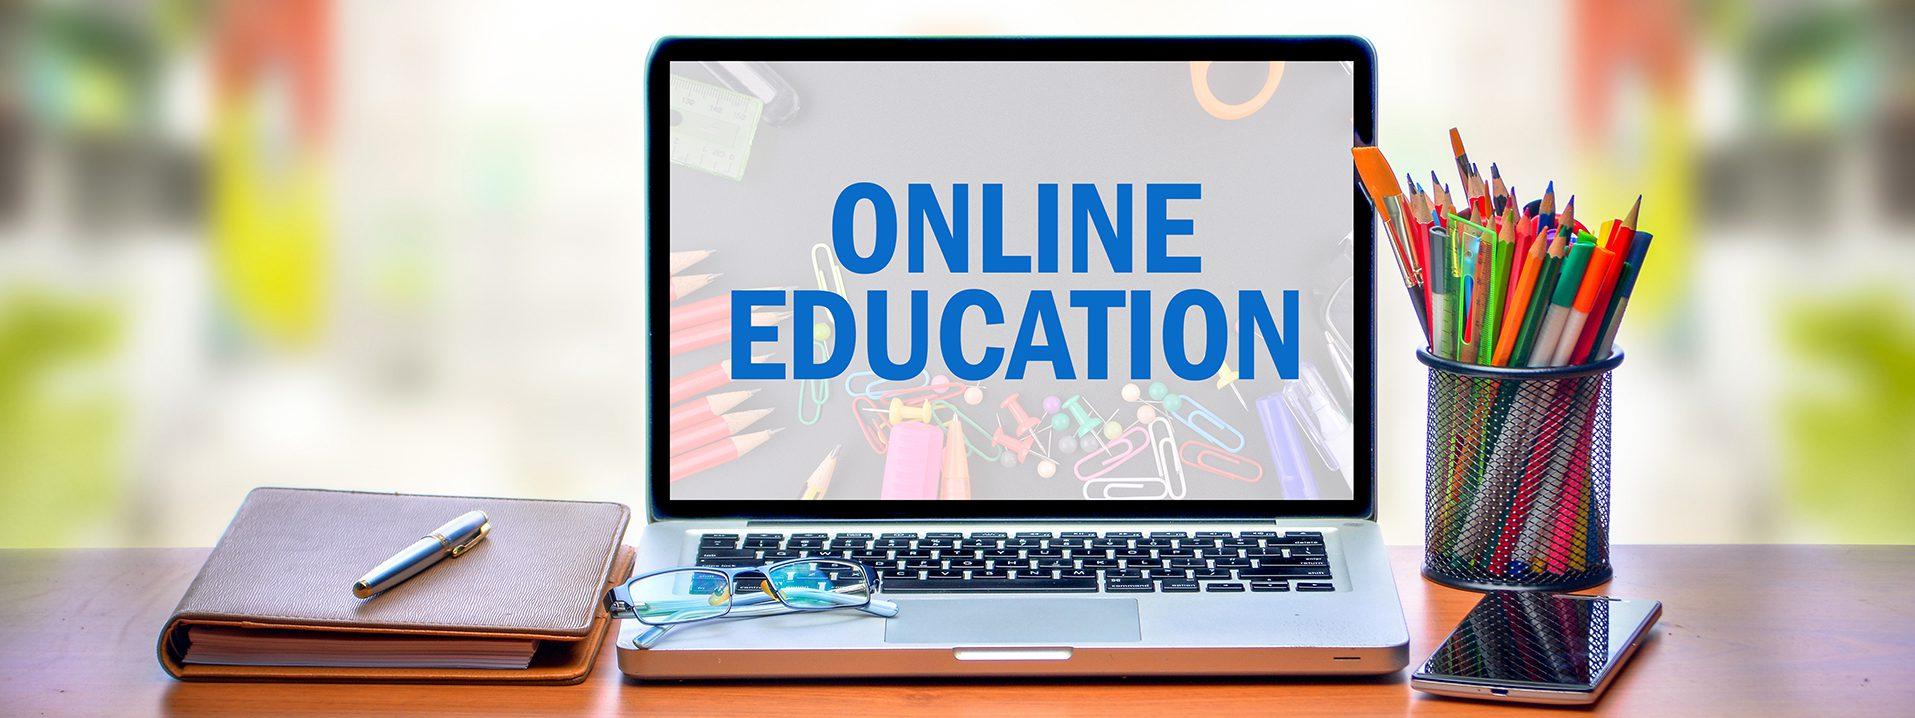 Kudarcok és sikertörténetek egyaránt vannak az online oktatásban